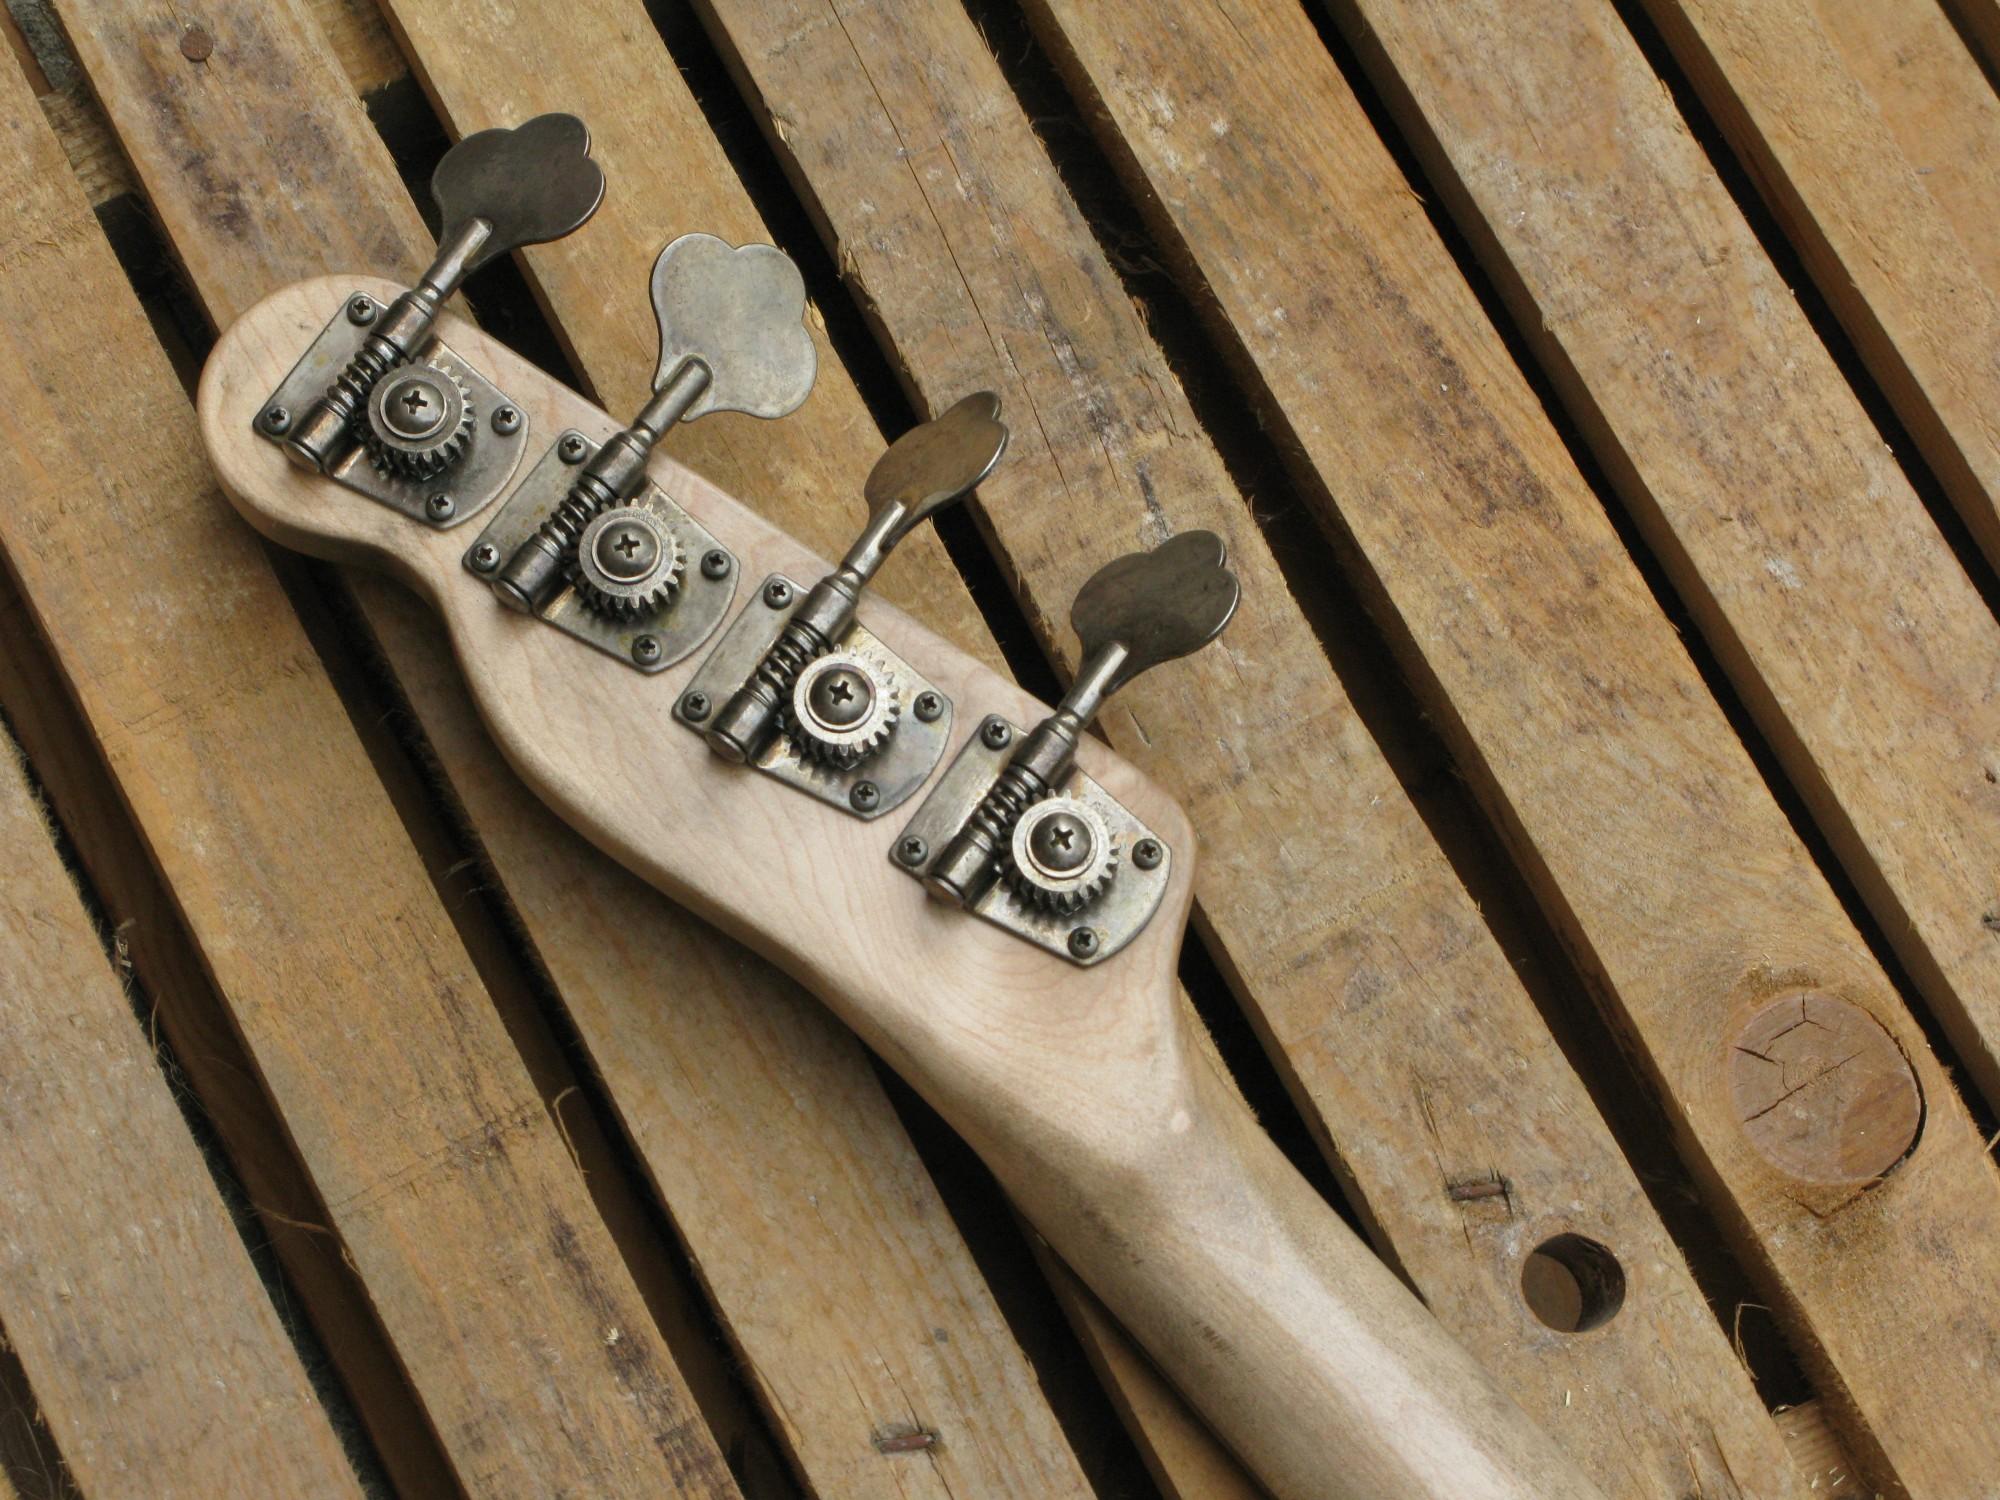 Retro della paletta di un basso Precision in ontano e manico in acero